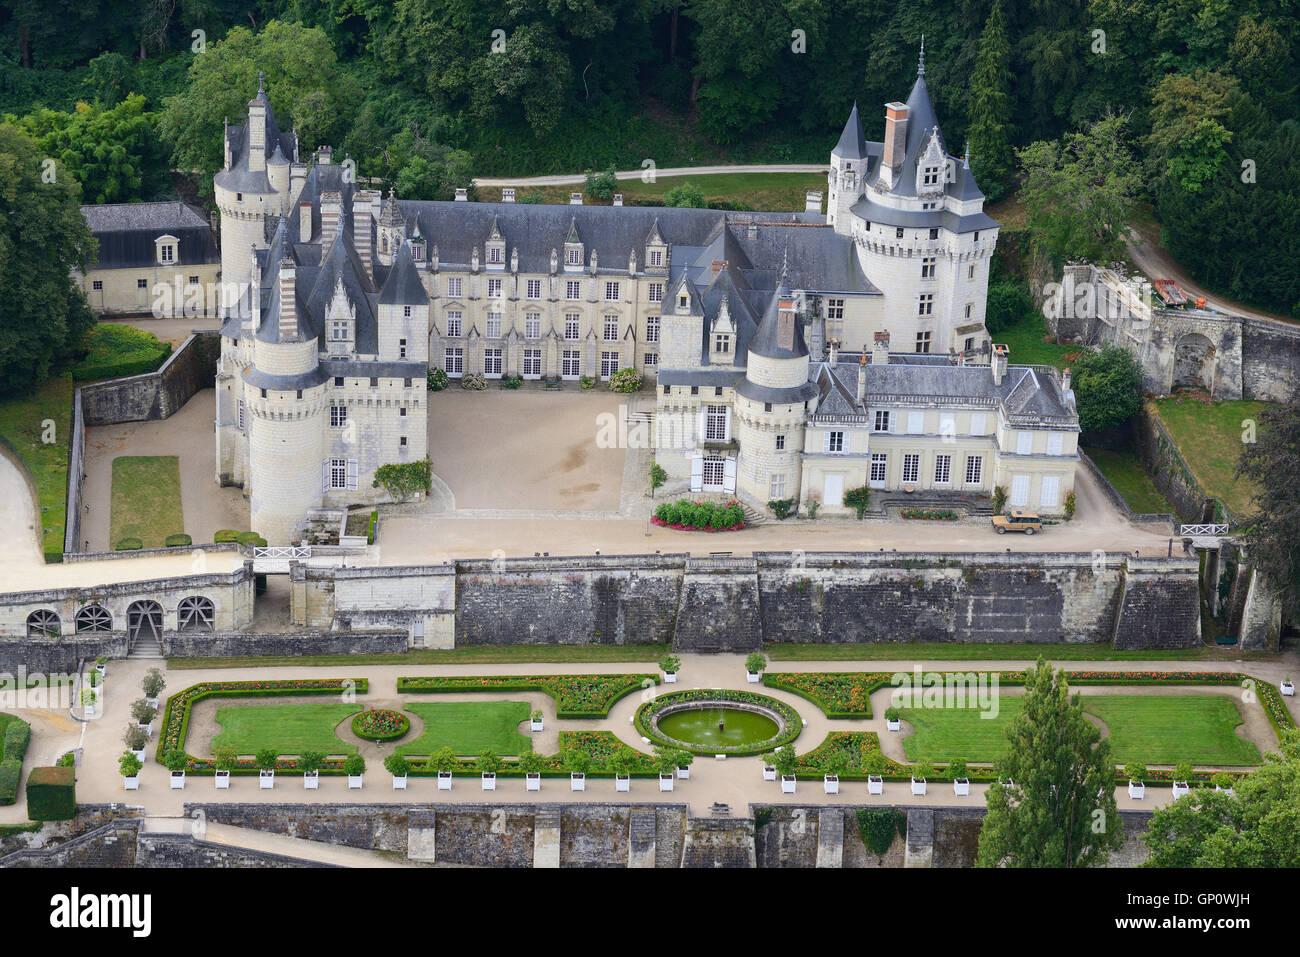 USSÉ CASTLE (aerial view). Centre, France. - Stock Image